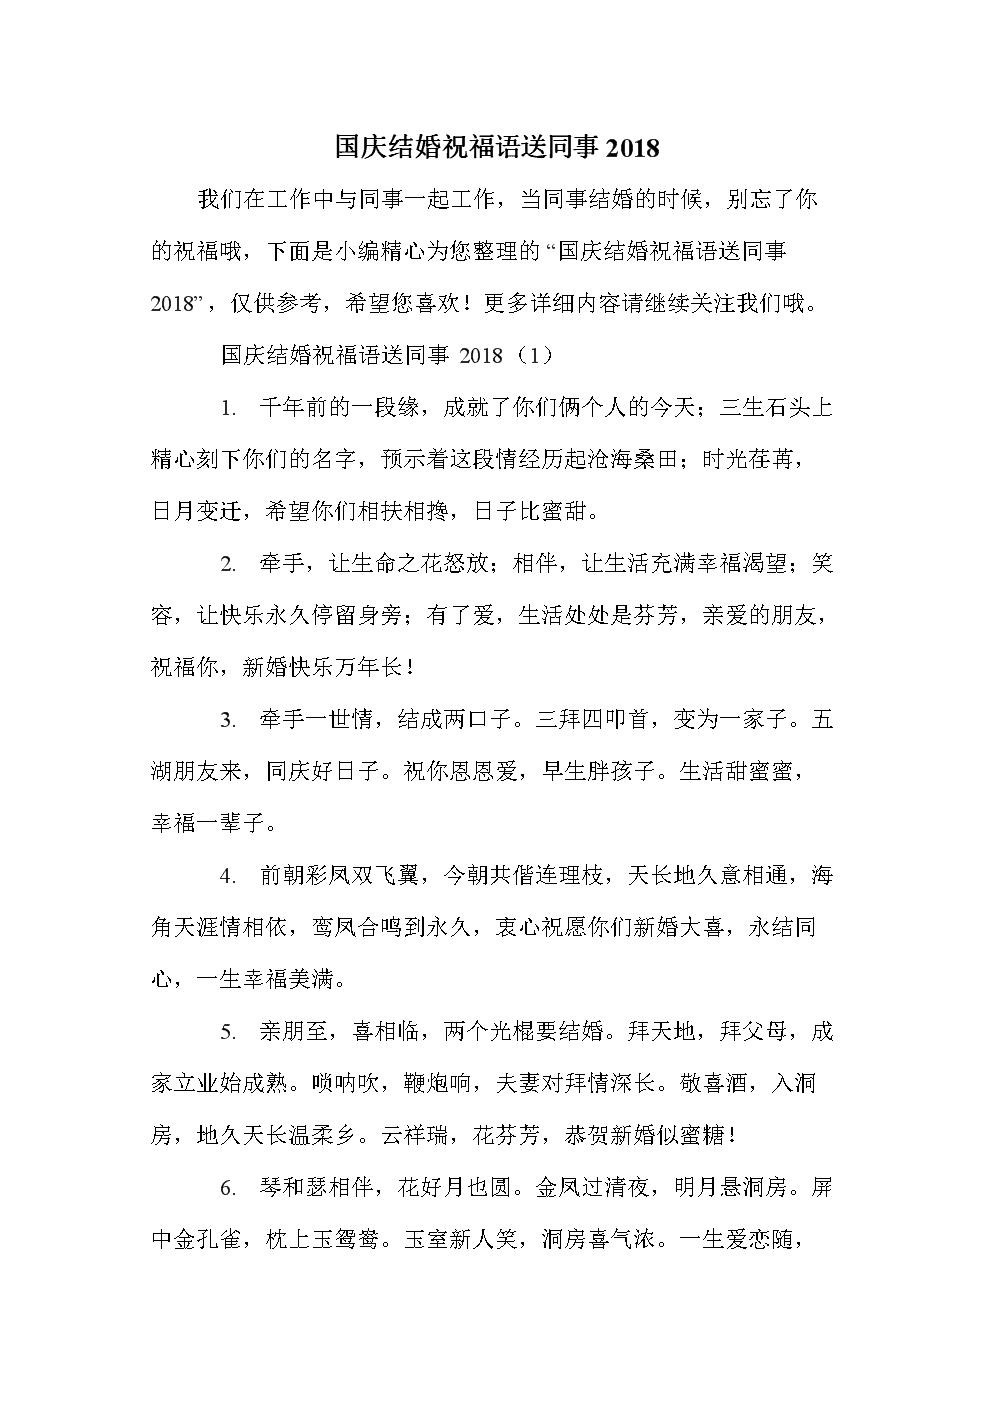 12. 雀上枝头春意闹,燕飞心怀伊人来.